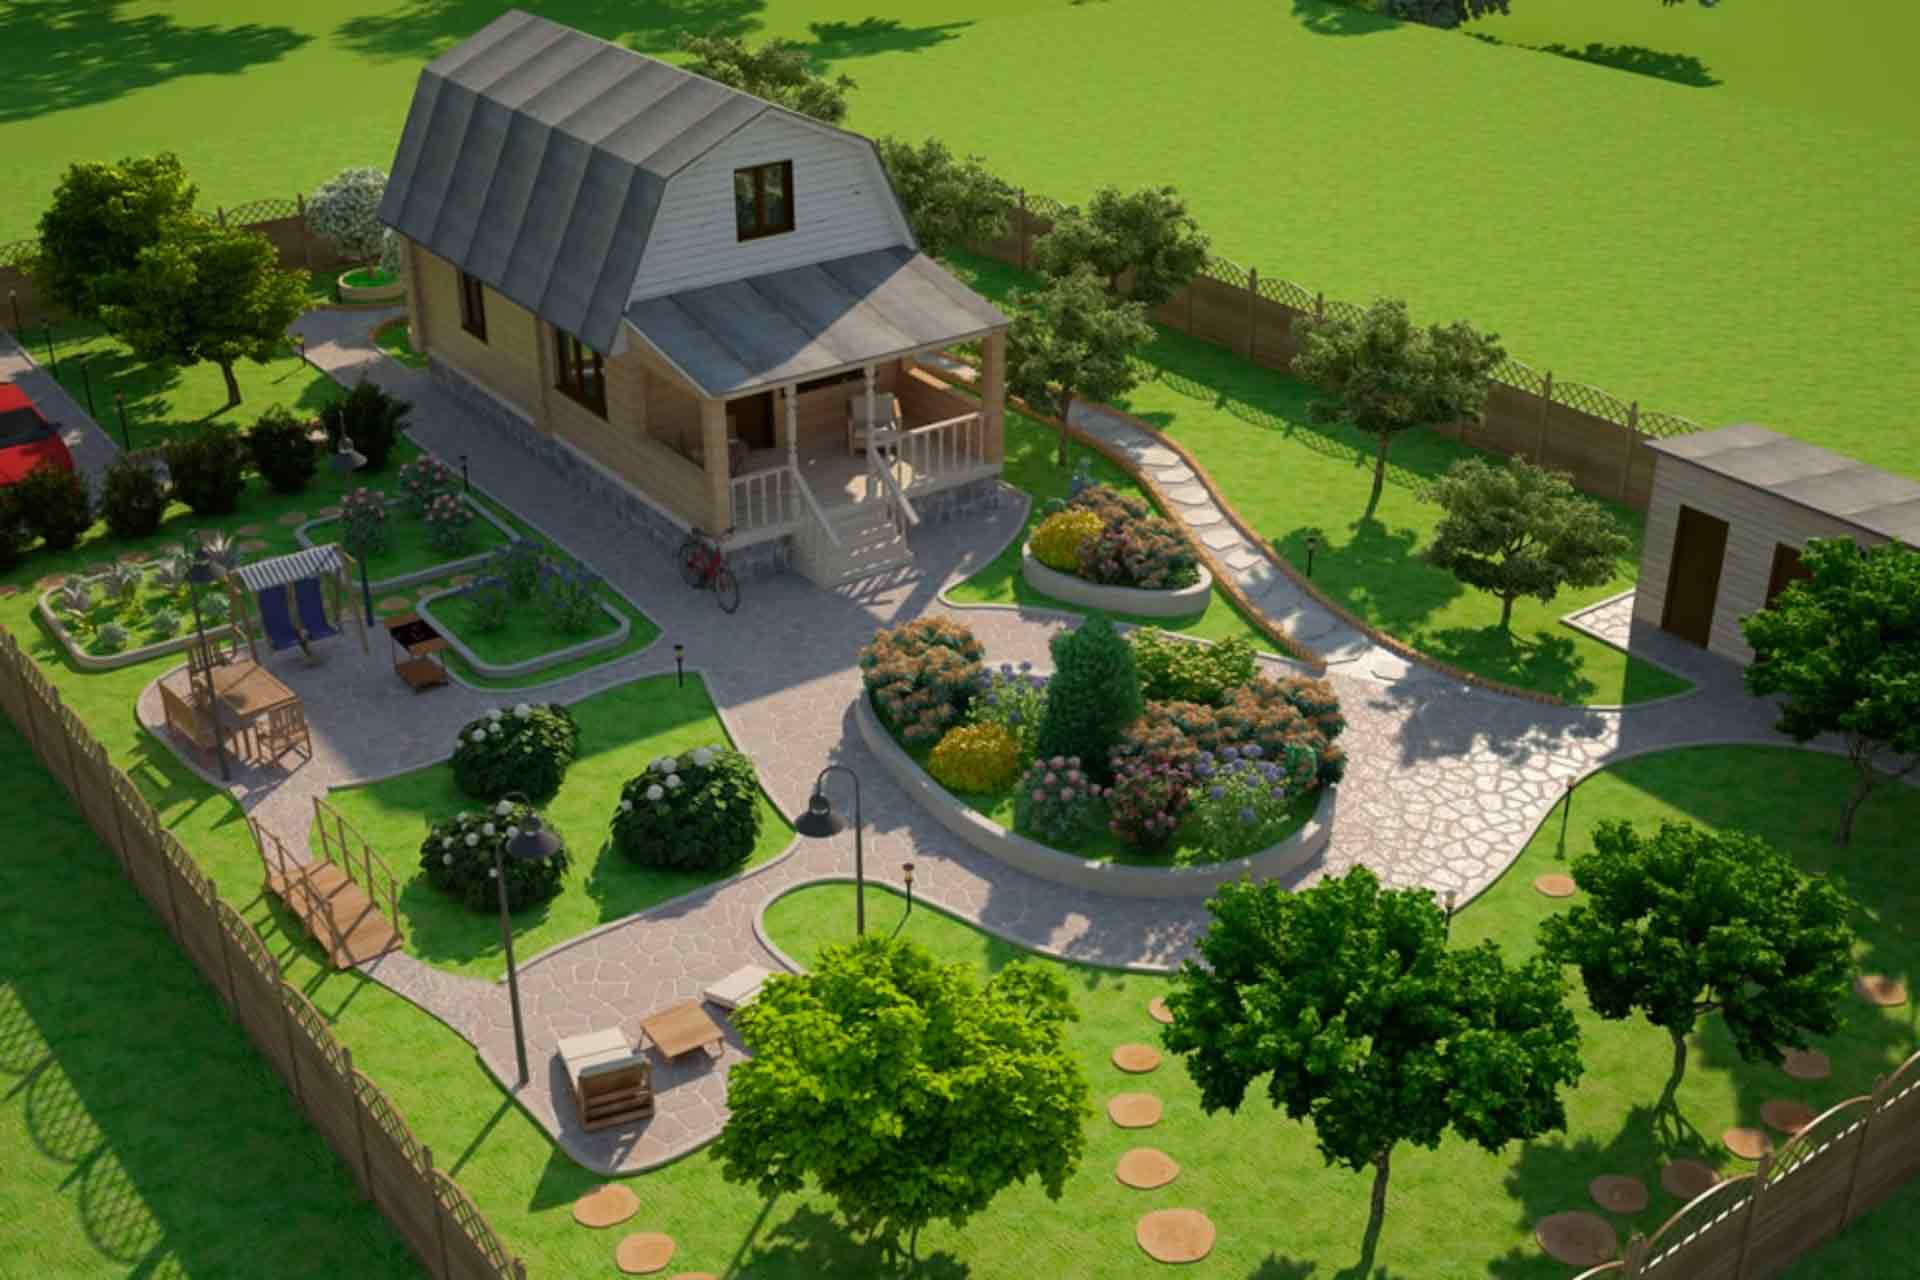 Ландшафтный дизайн проект загородного дома фото